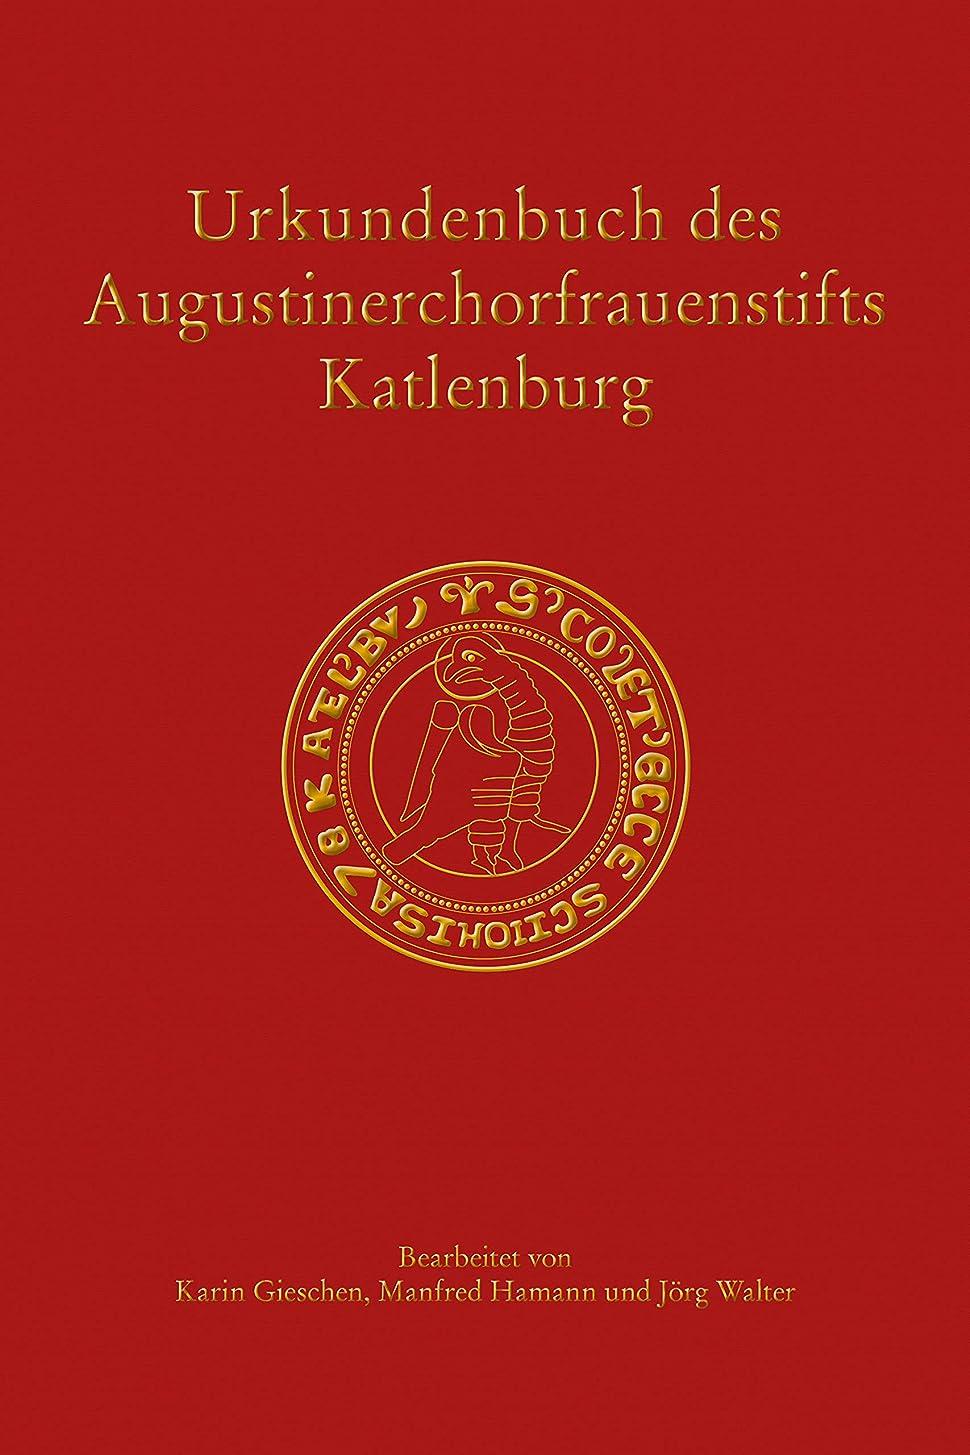 文化長さ版Urkundenbuch des Augustinerchorfrauenstifts Katlenburg (Ver?ffentlichungen der Historischen Kommission für Niedersachsen und Bremen 299) (German Edition)